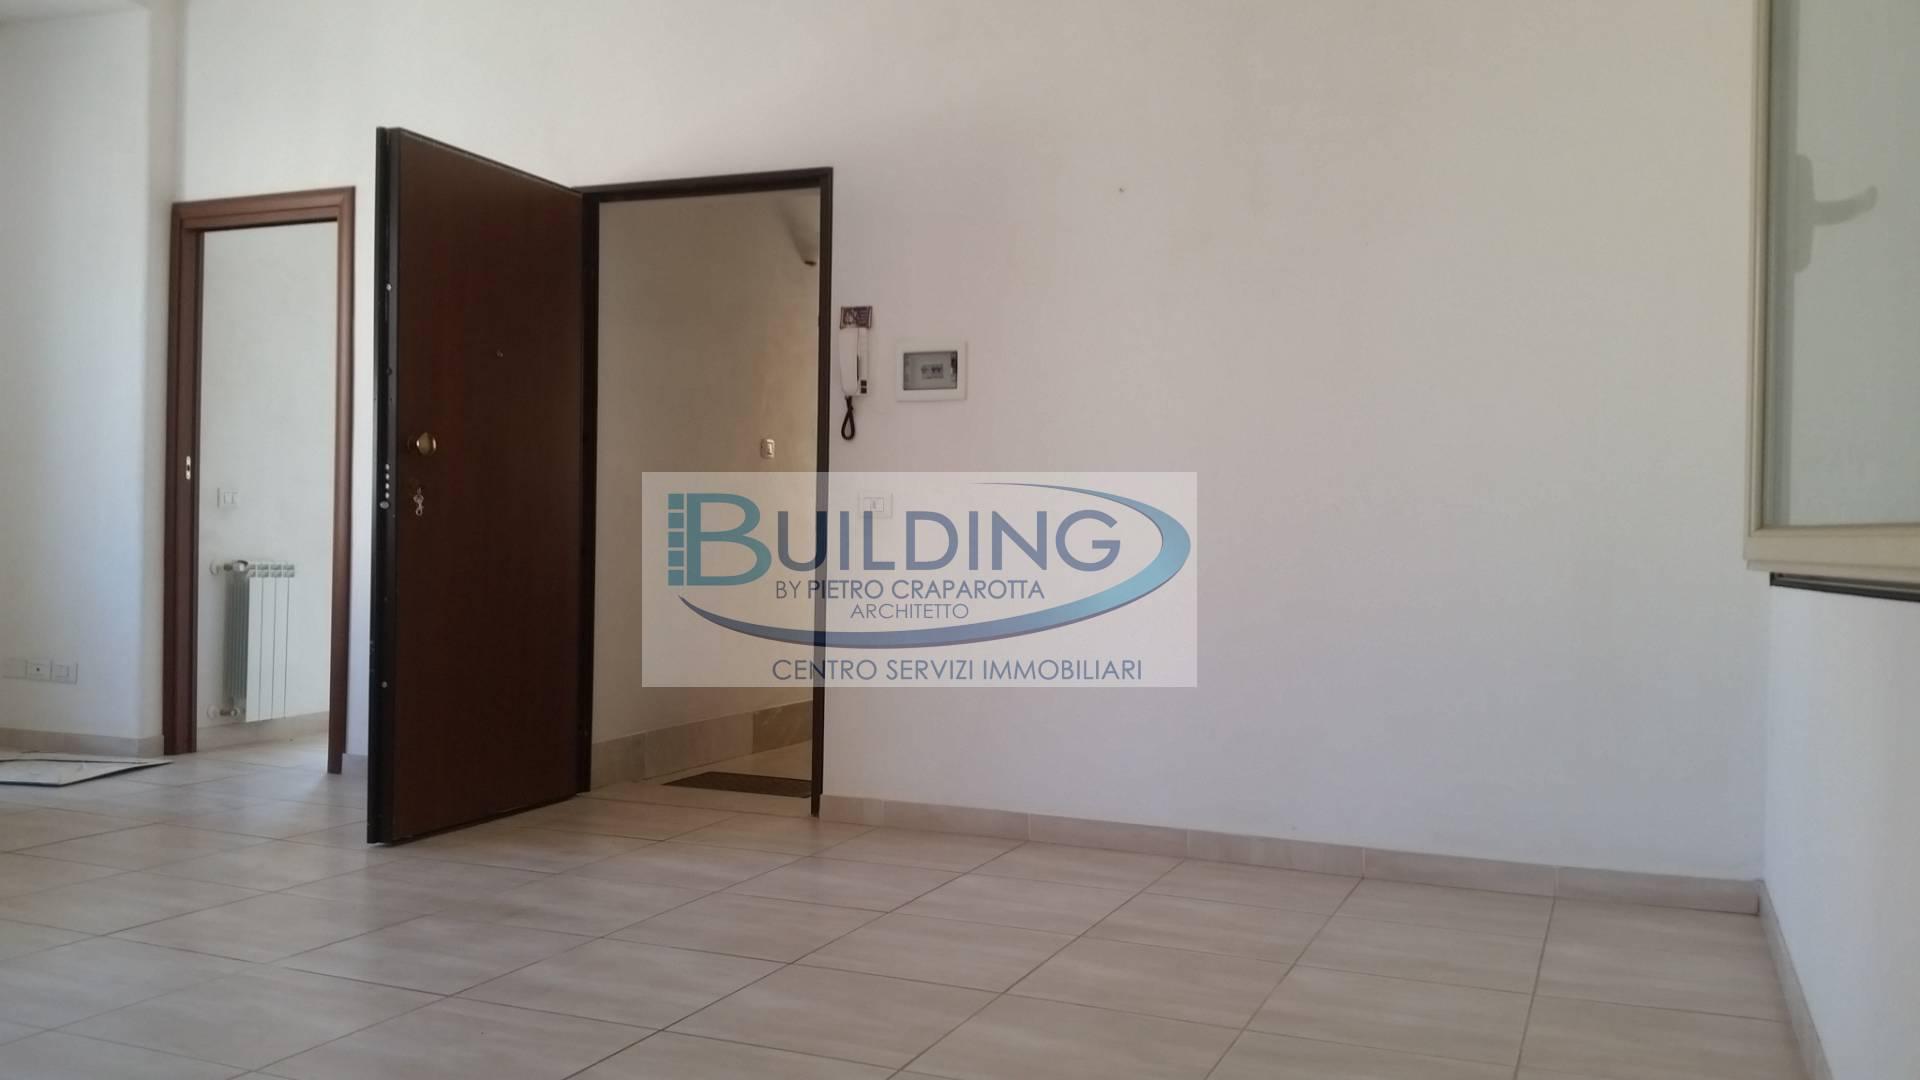 Appartamento in vendita a Castelvetrano, 6 locali, zona Località: CentroStorico, prezzo € 69.000 | PortaleAgenzieImmobiliari.it